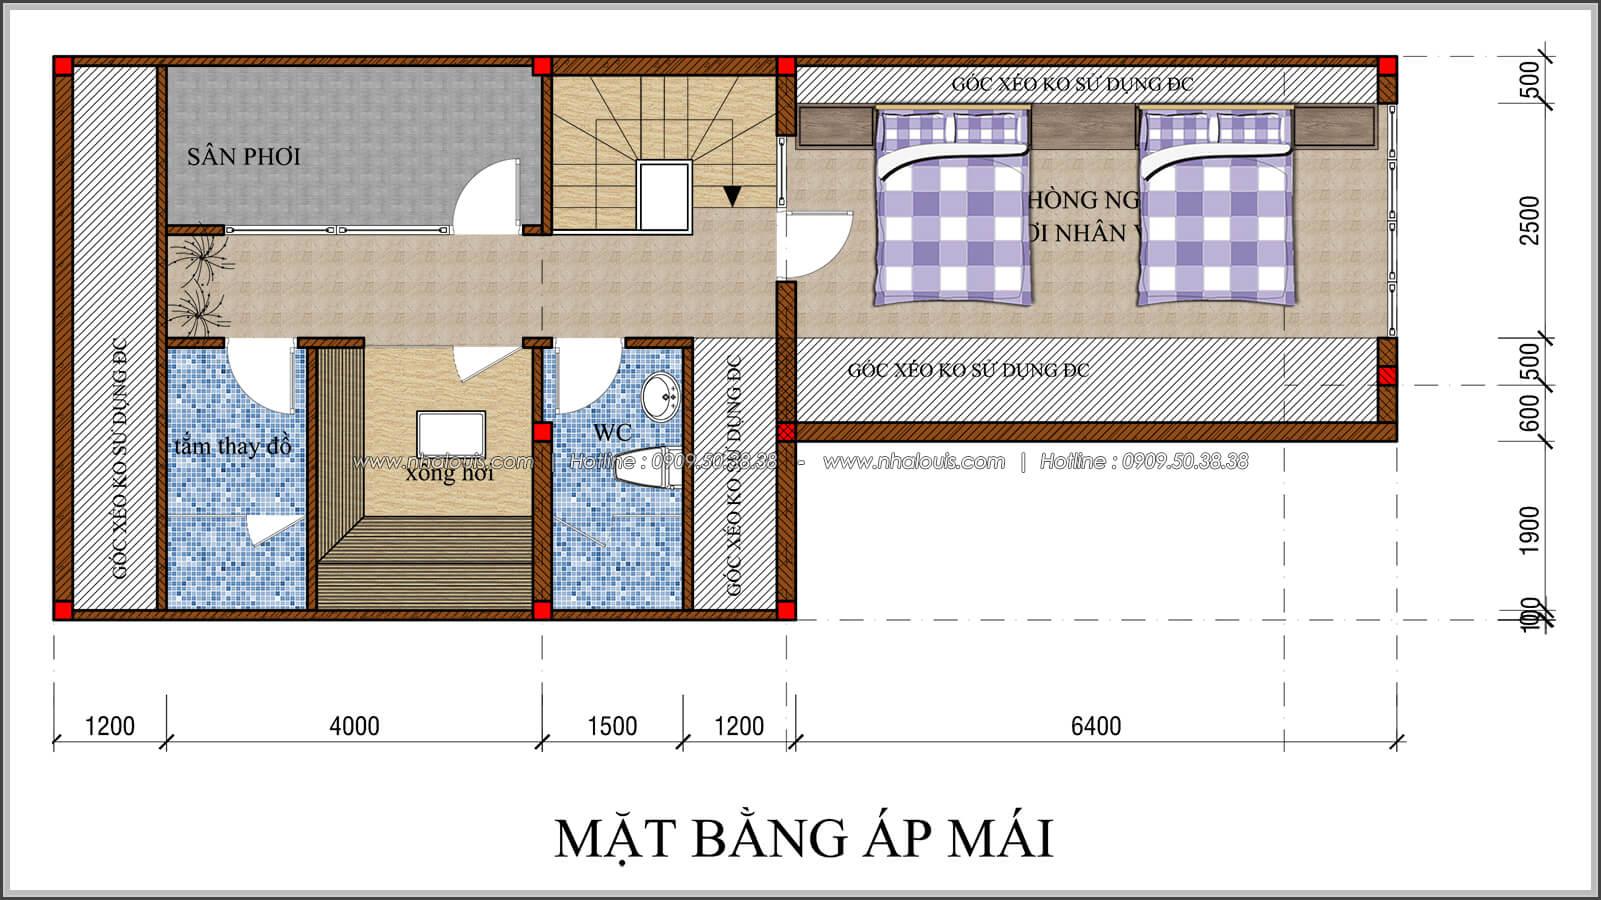 Mặt bằng áp mái thiết kế quán cafe đơn giản từ nhà phố 3 tầng tại Bình Chánh - 23